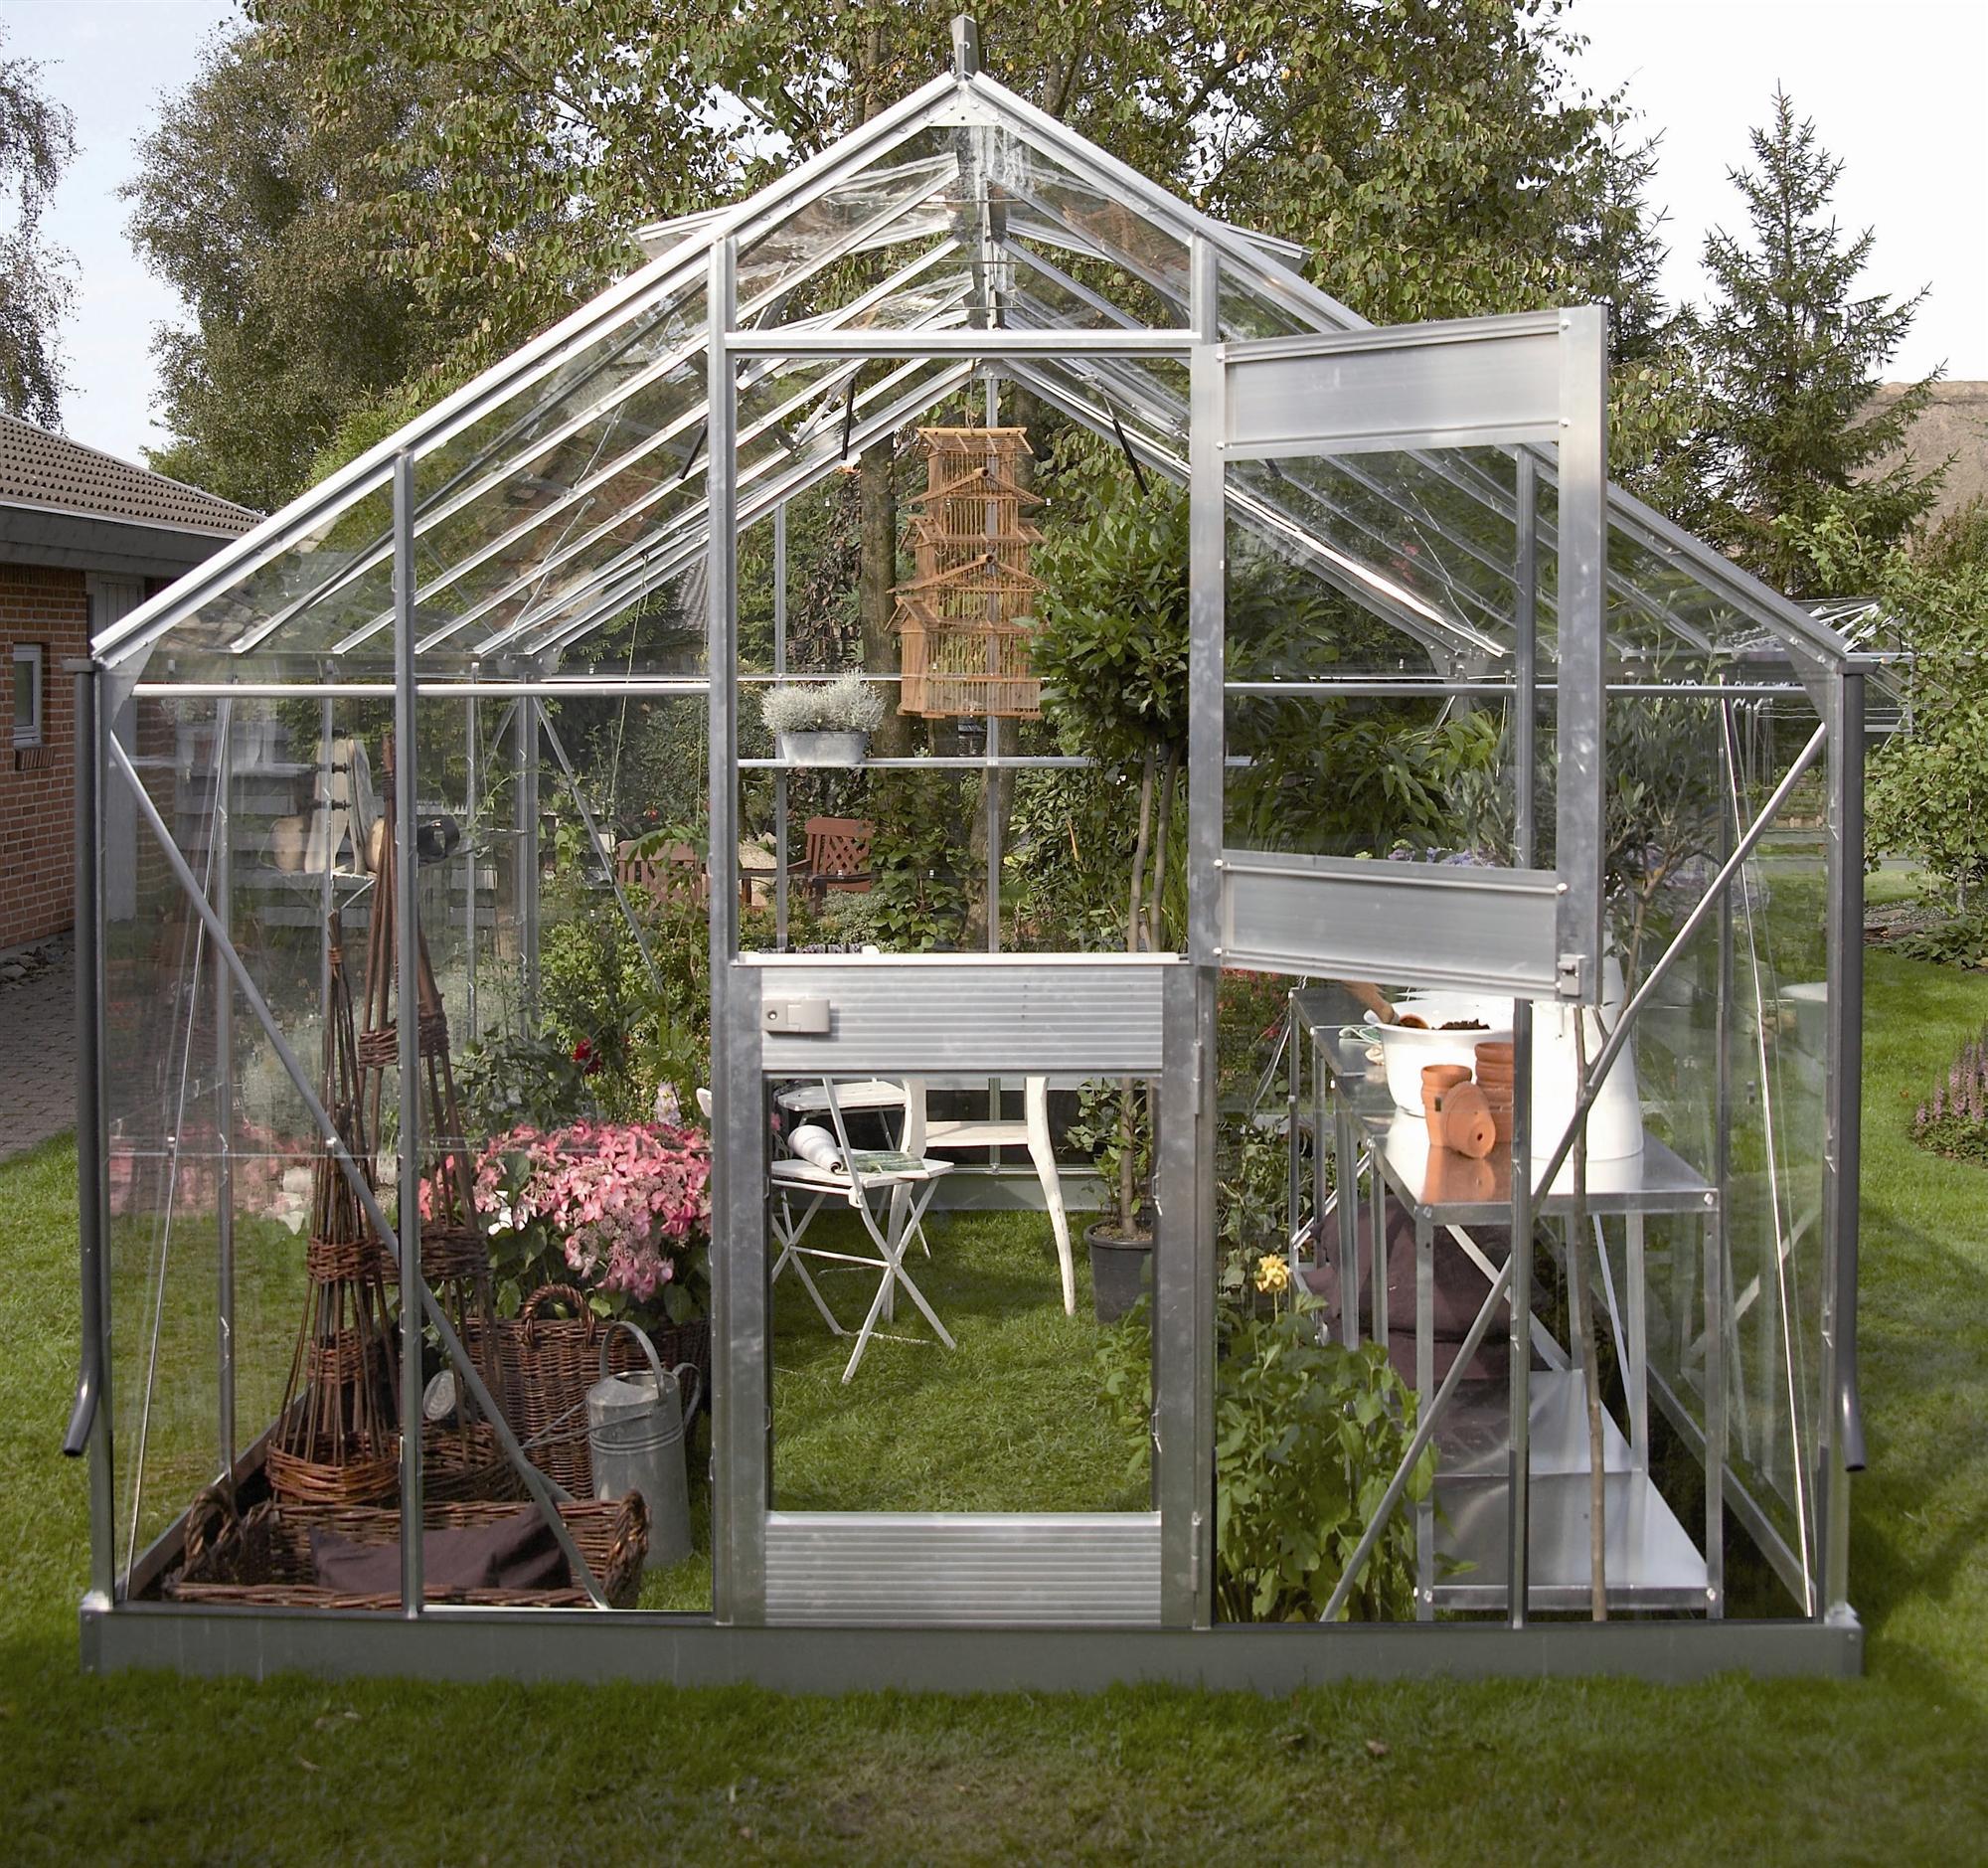 Serre de jardin Juliana pact Plus Alu 9 9m2 verre horticole